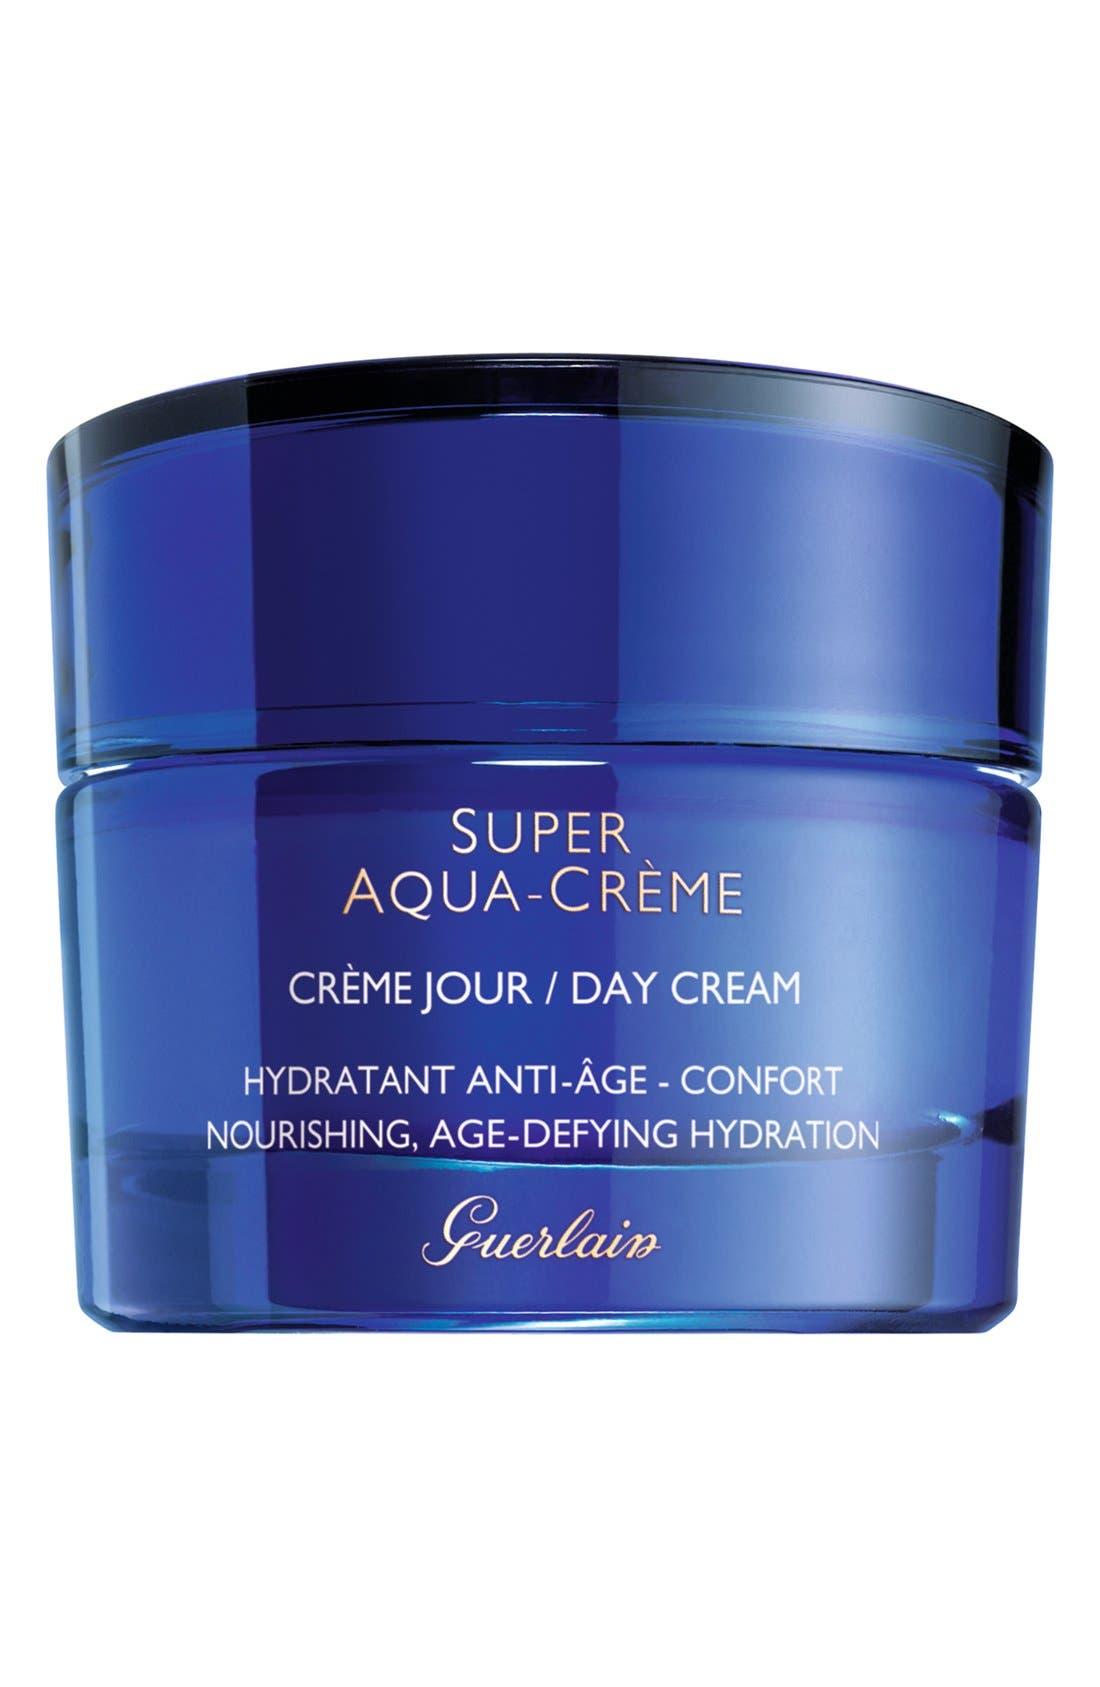 GUERLAIN,                             Super Aqua-Crème Day Cream,                             Main thumbnail 1, color,                             NO COLOR